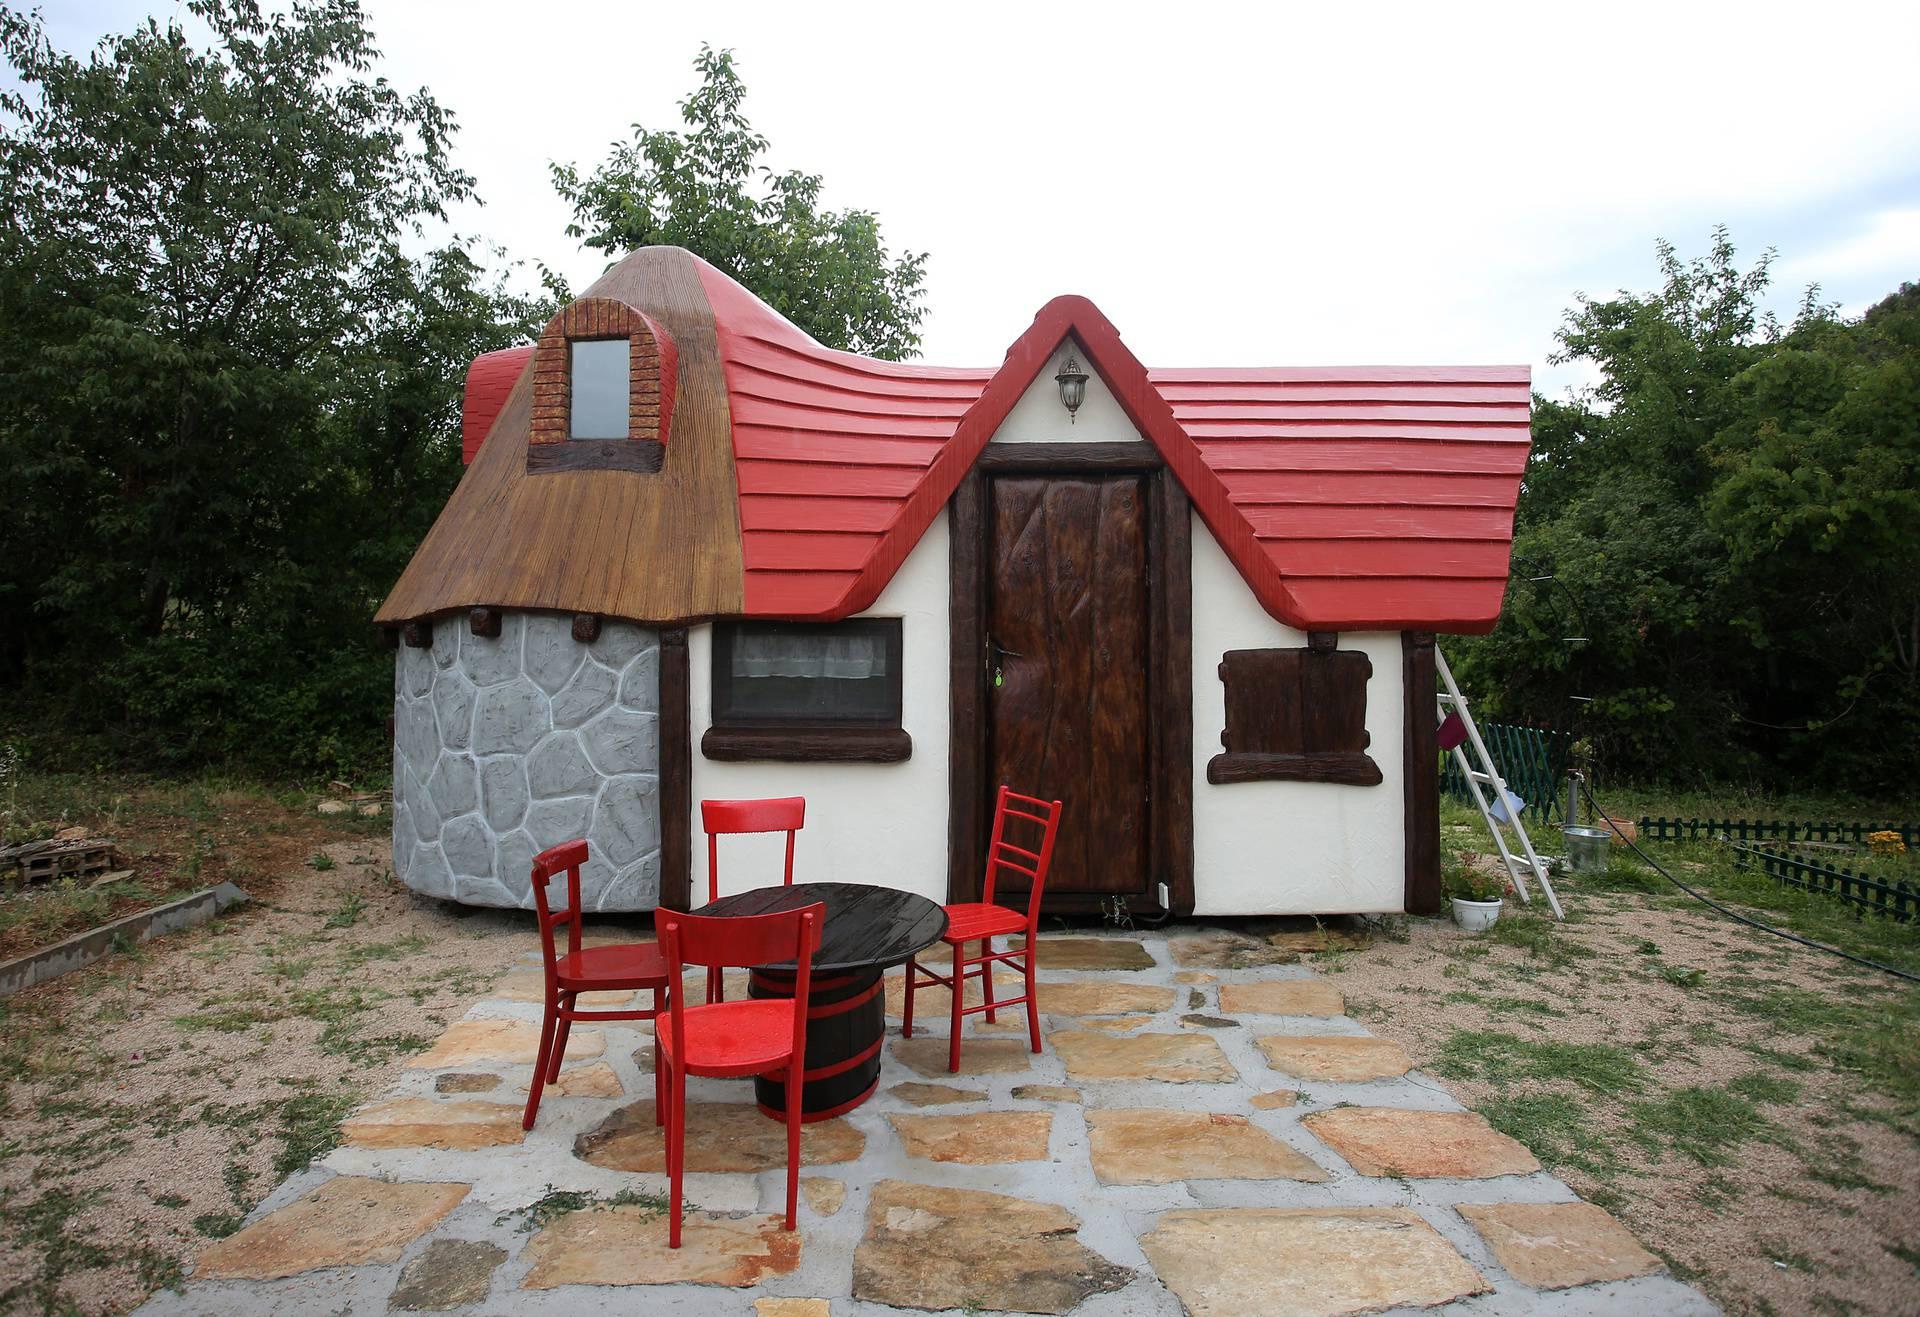 'Bajkovito selo' u skradinskom zaleđu: Spavajte u kućicama u obliku gljive ili dvorca